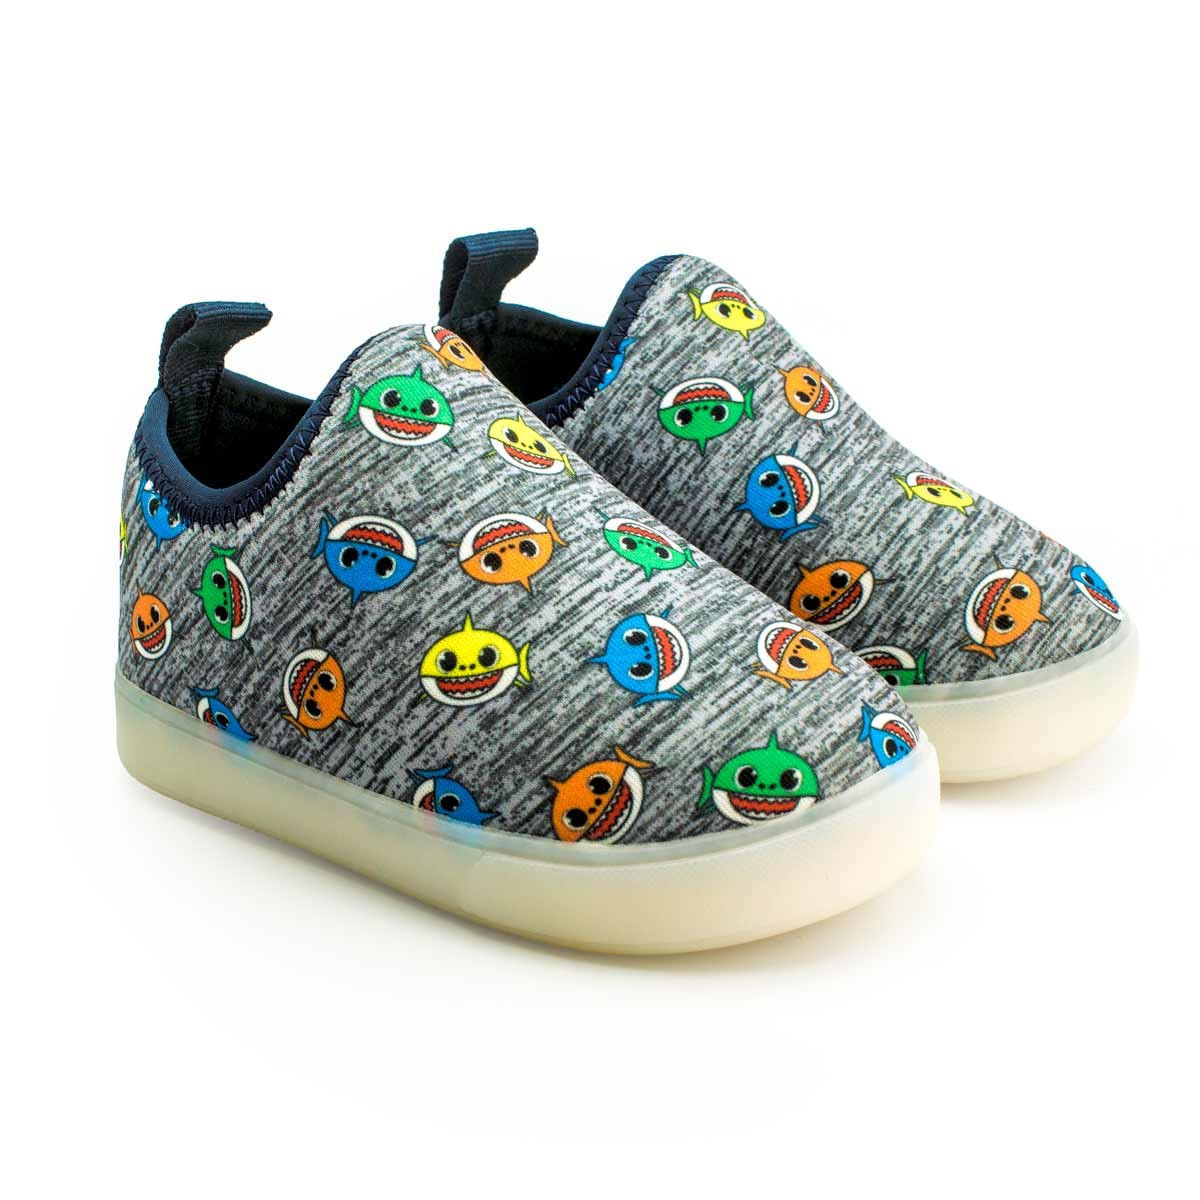 Tenis-infantil-Baby-Sharky-Lights-Ludique-et-Badin--20-ao-27-